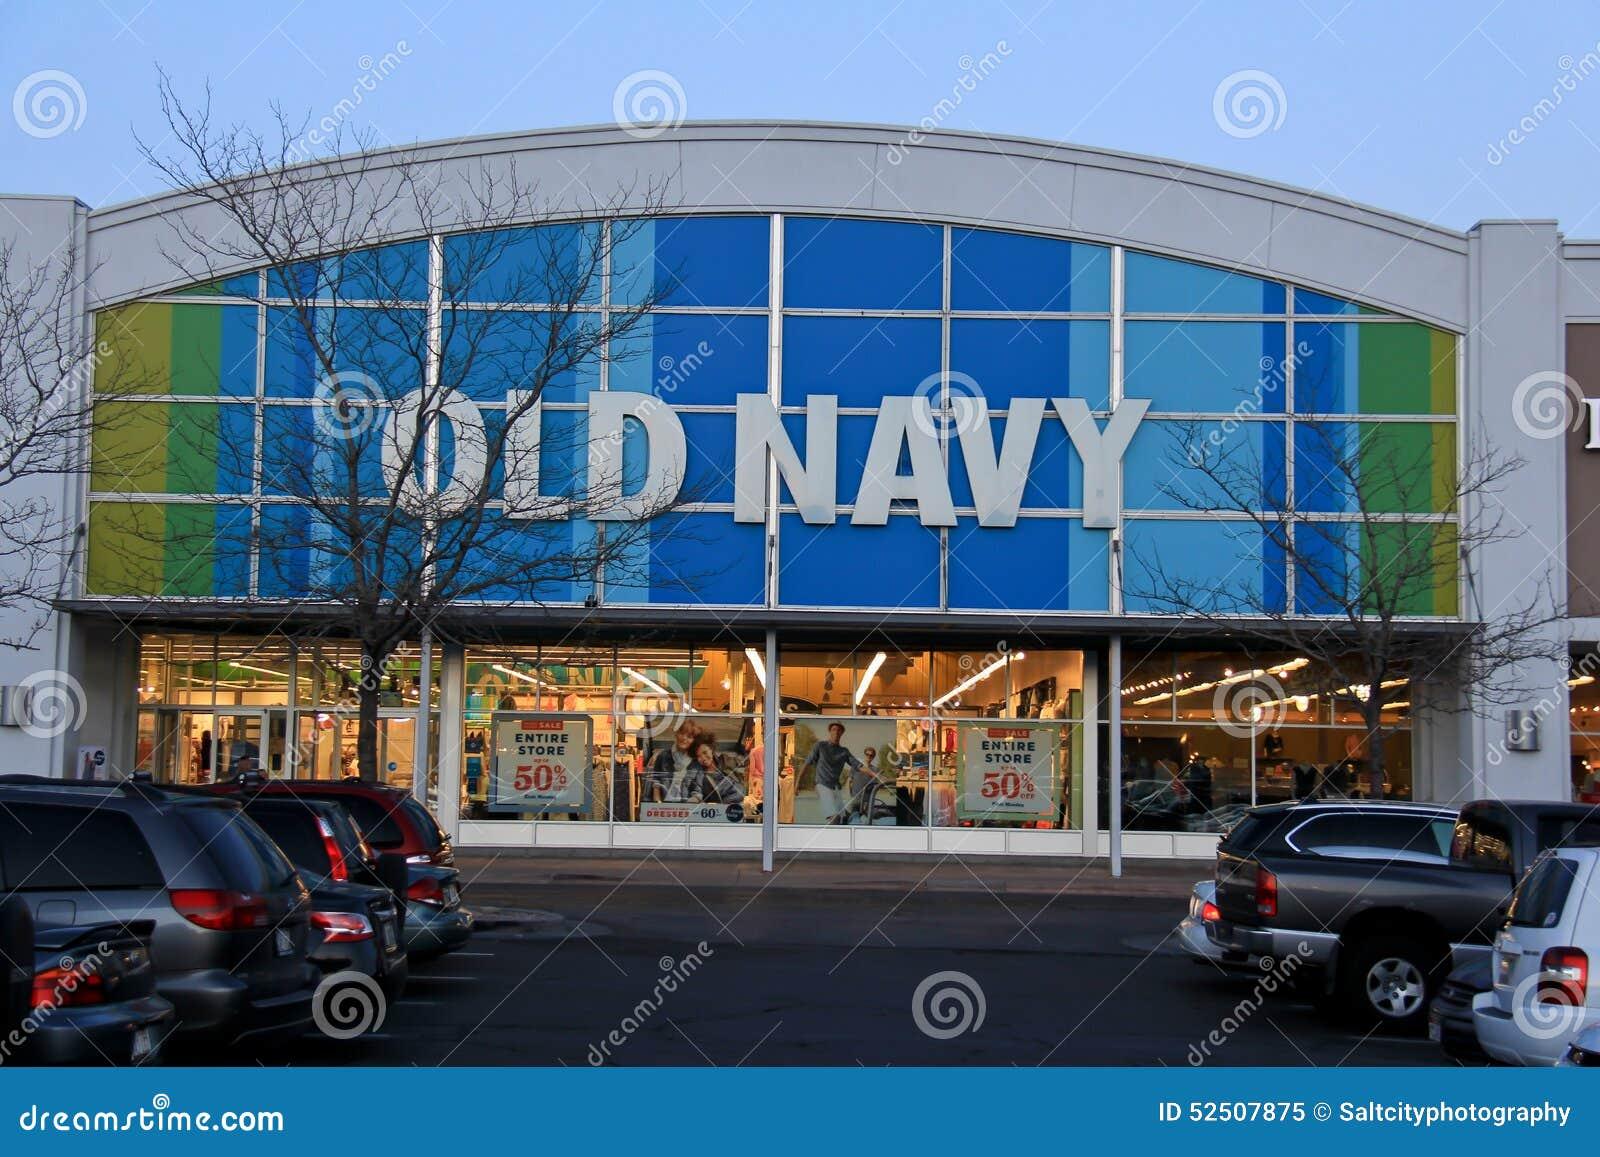 Clothing stores in utah